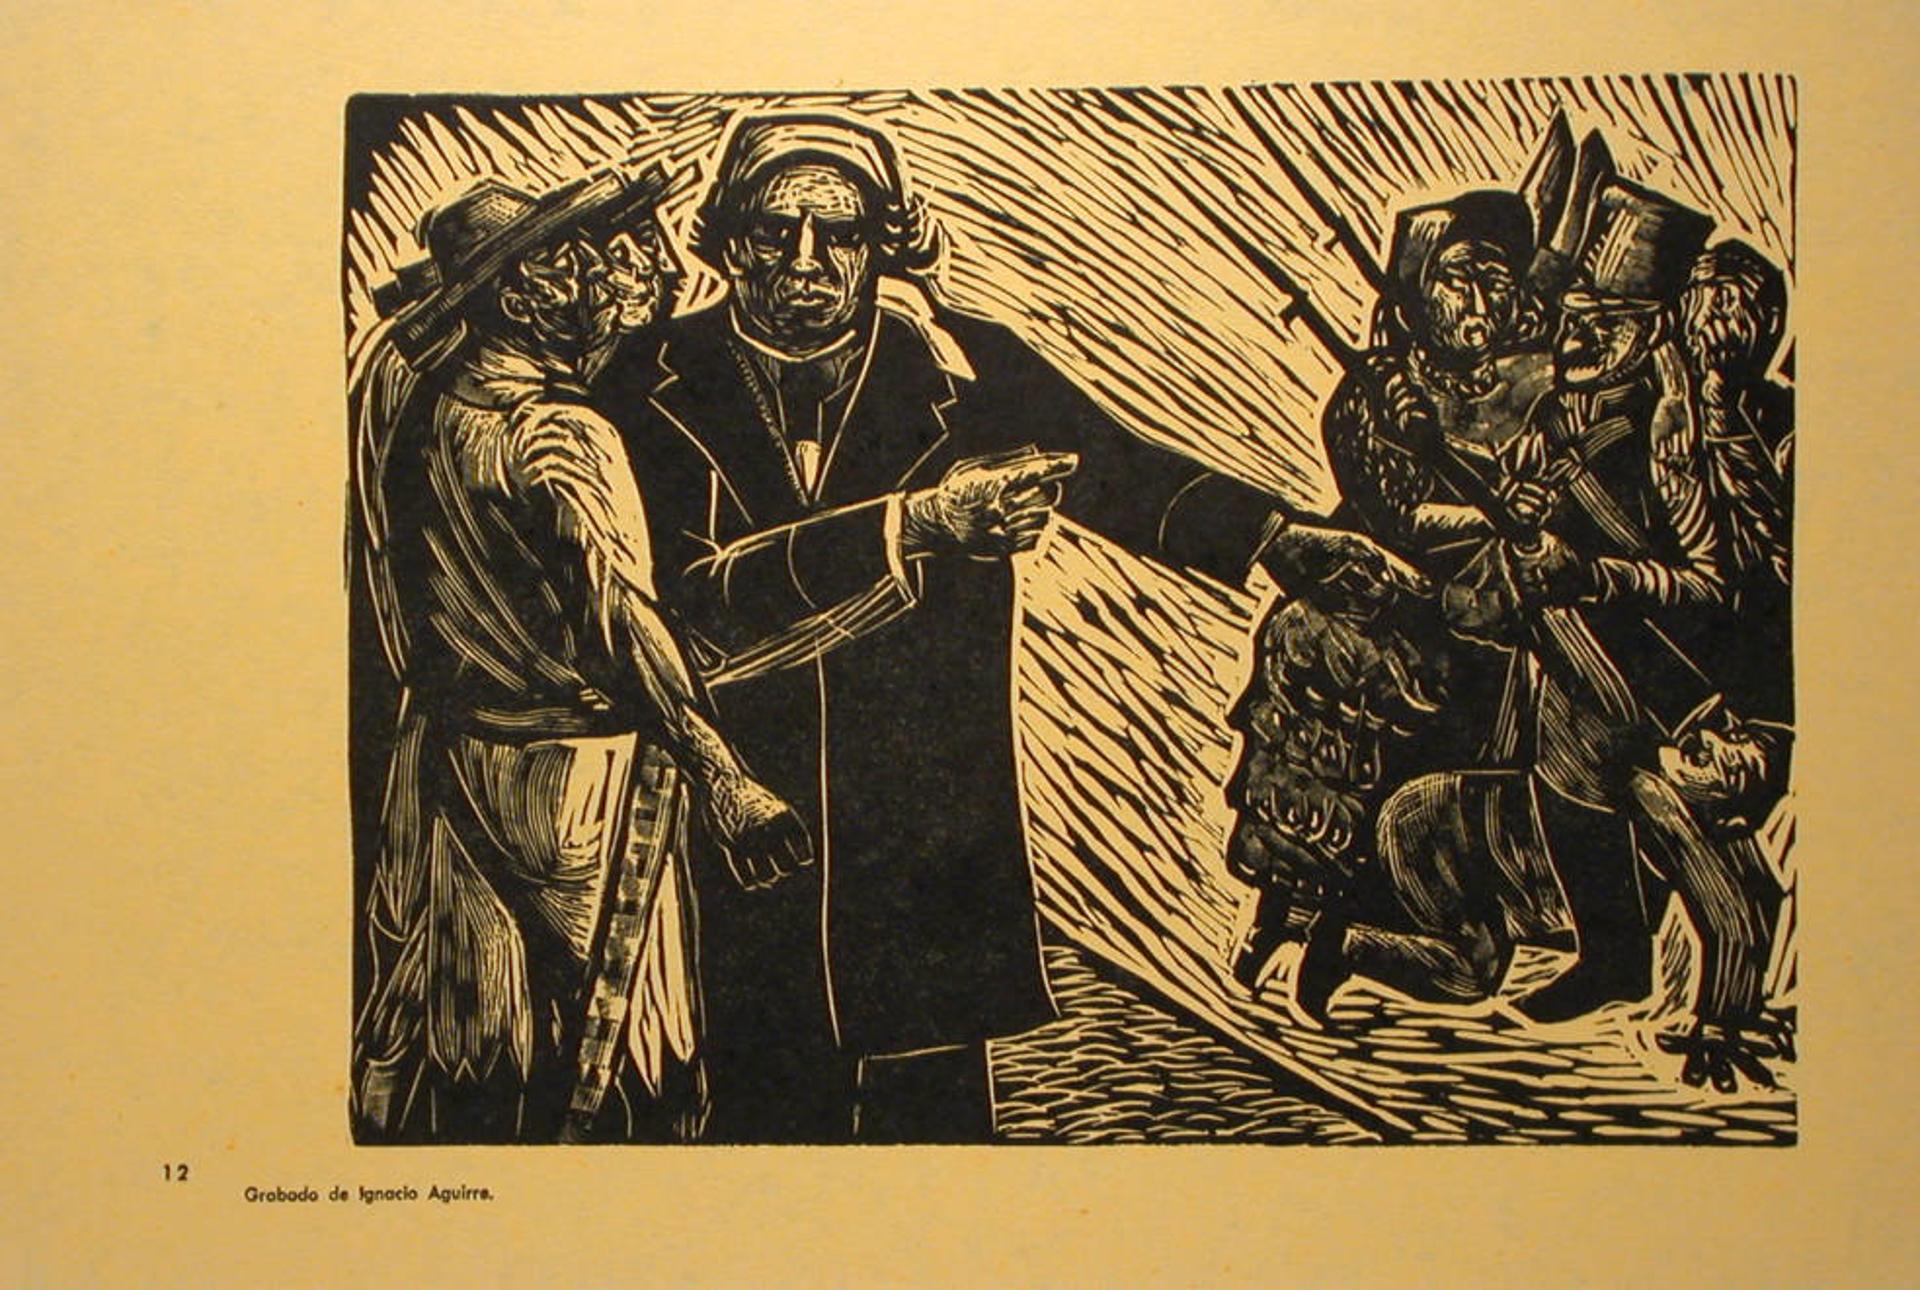 Morelos, El Implacable by Ignacio Aguirre (1900 – 1990)